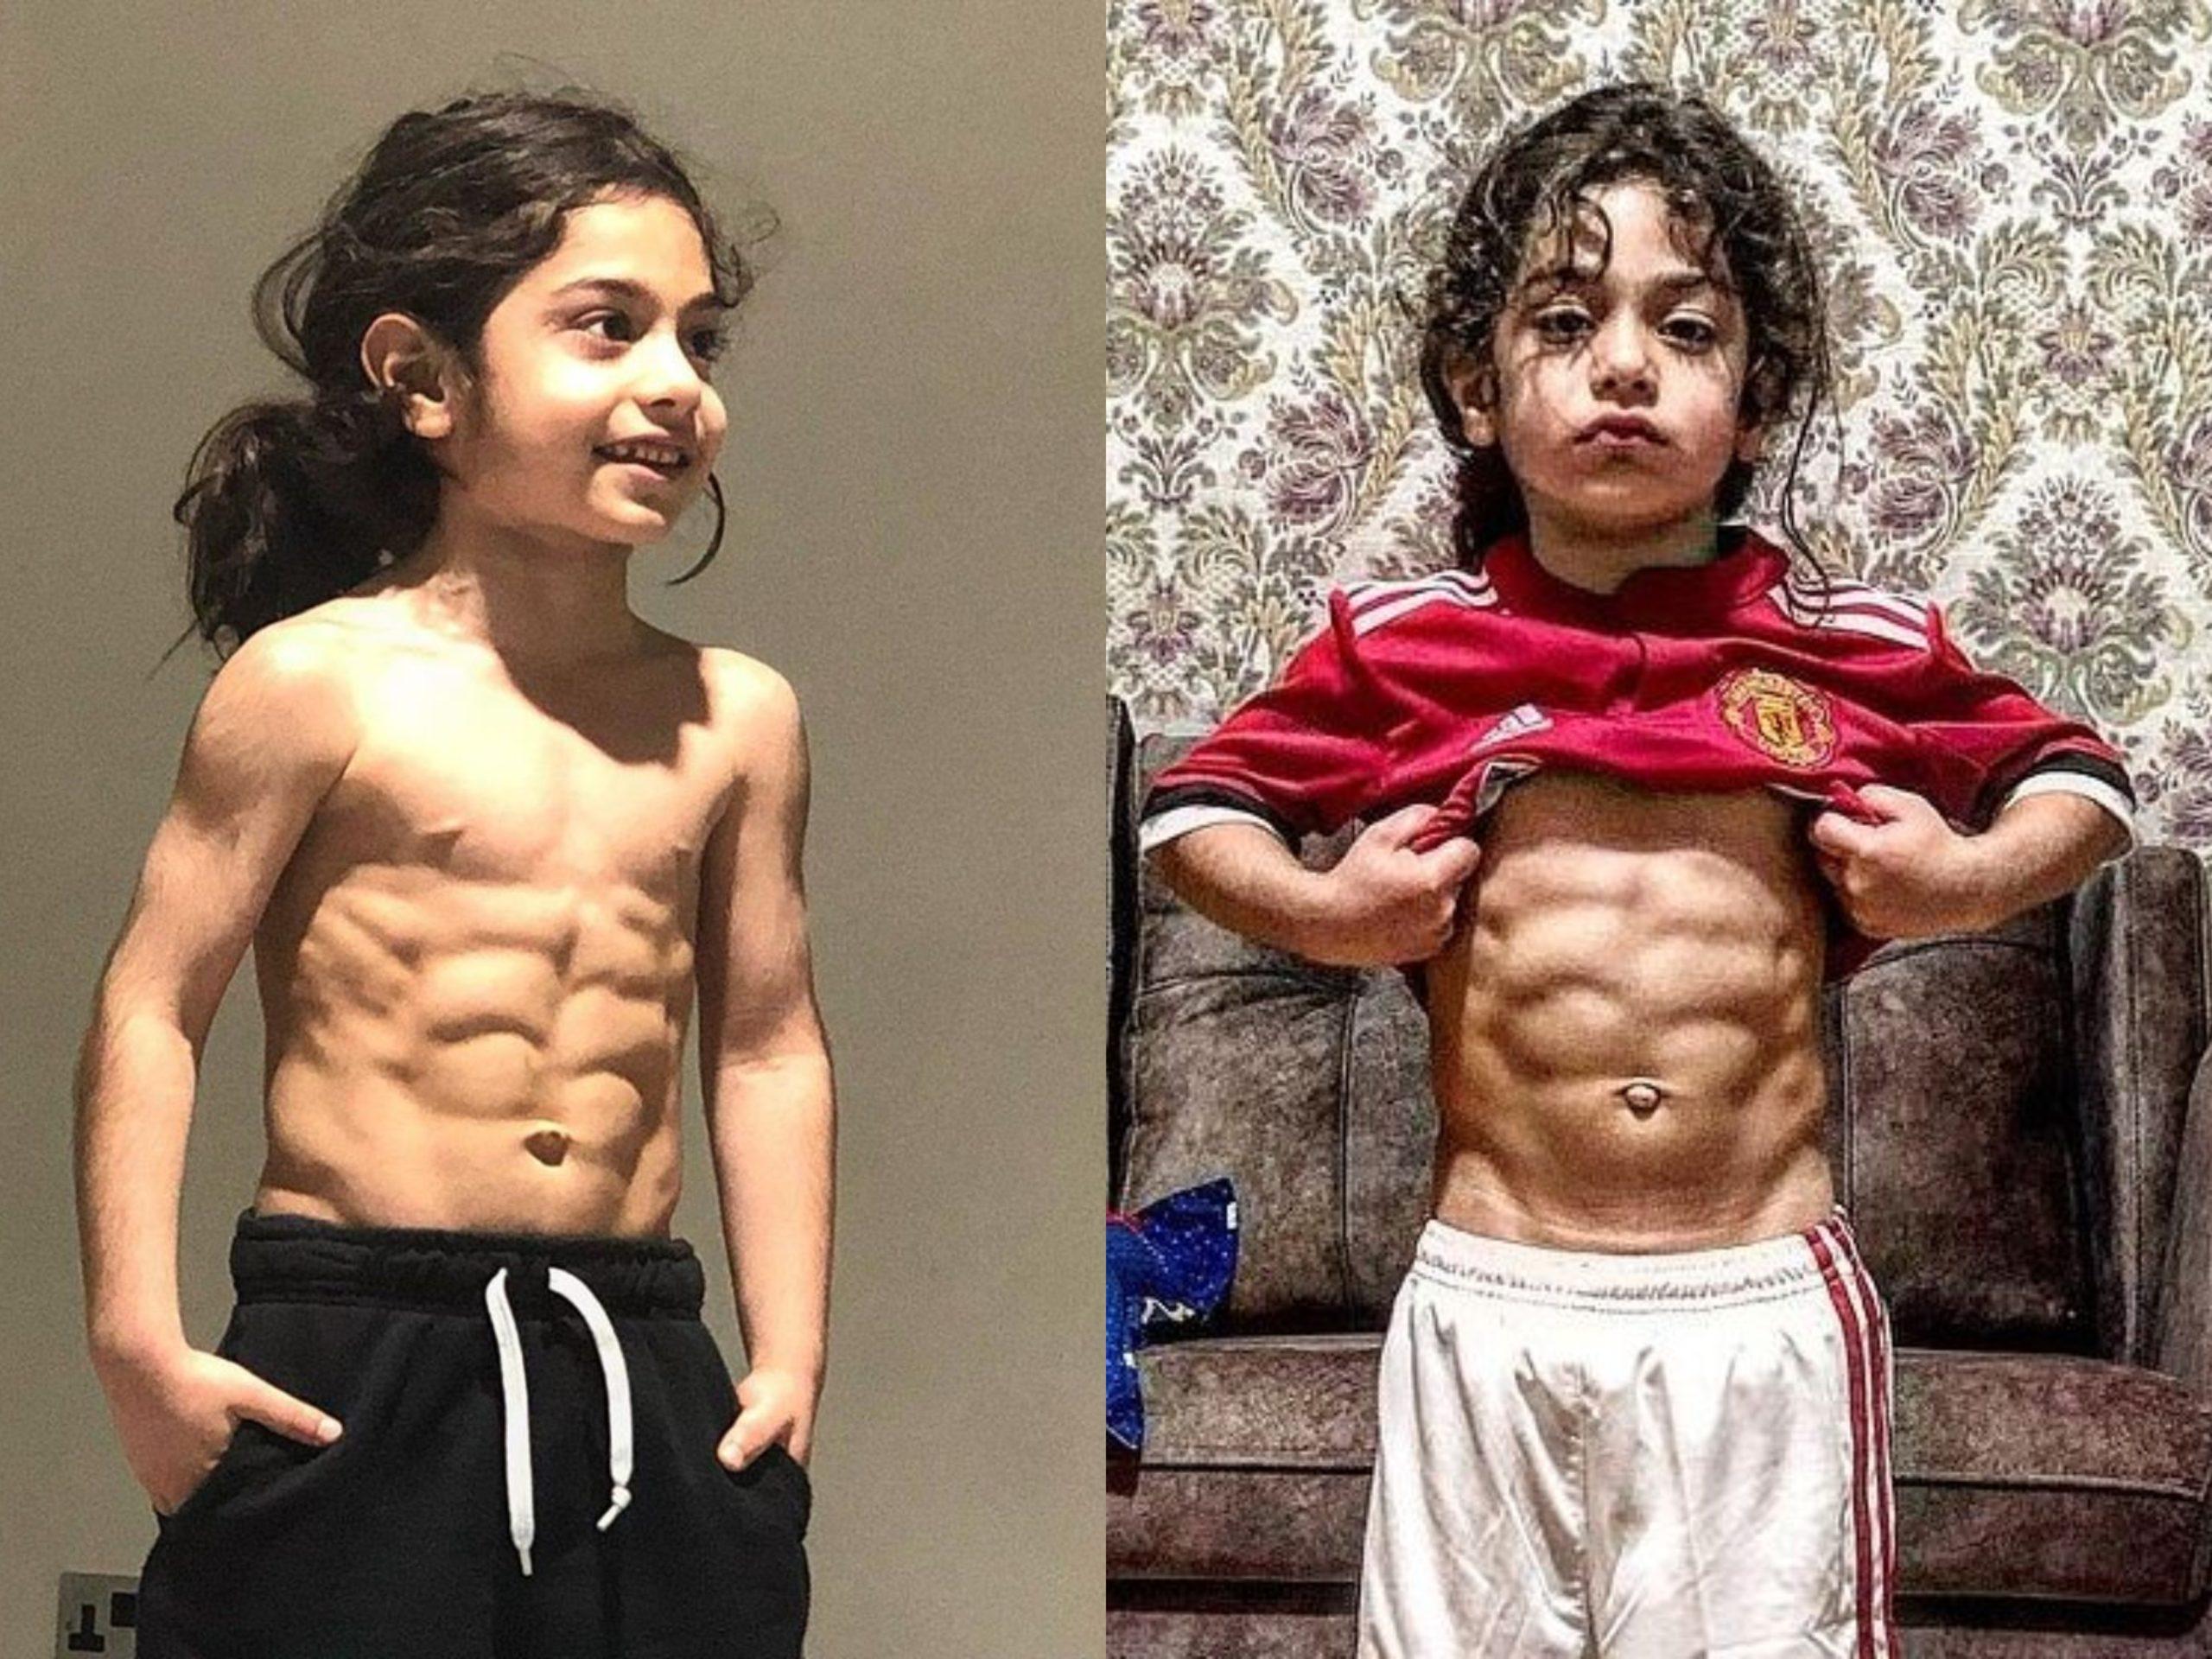 Un băiat în vârstă de 6 are abdomen perfect cu 6 patratele si a câștigat milioane de fani Instagram